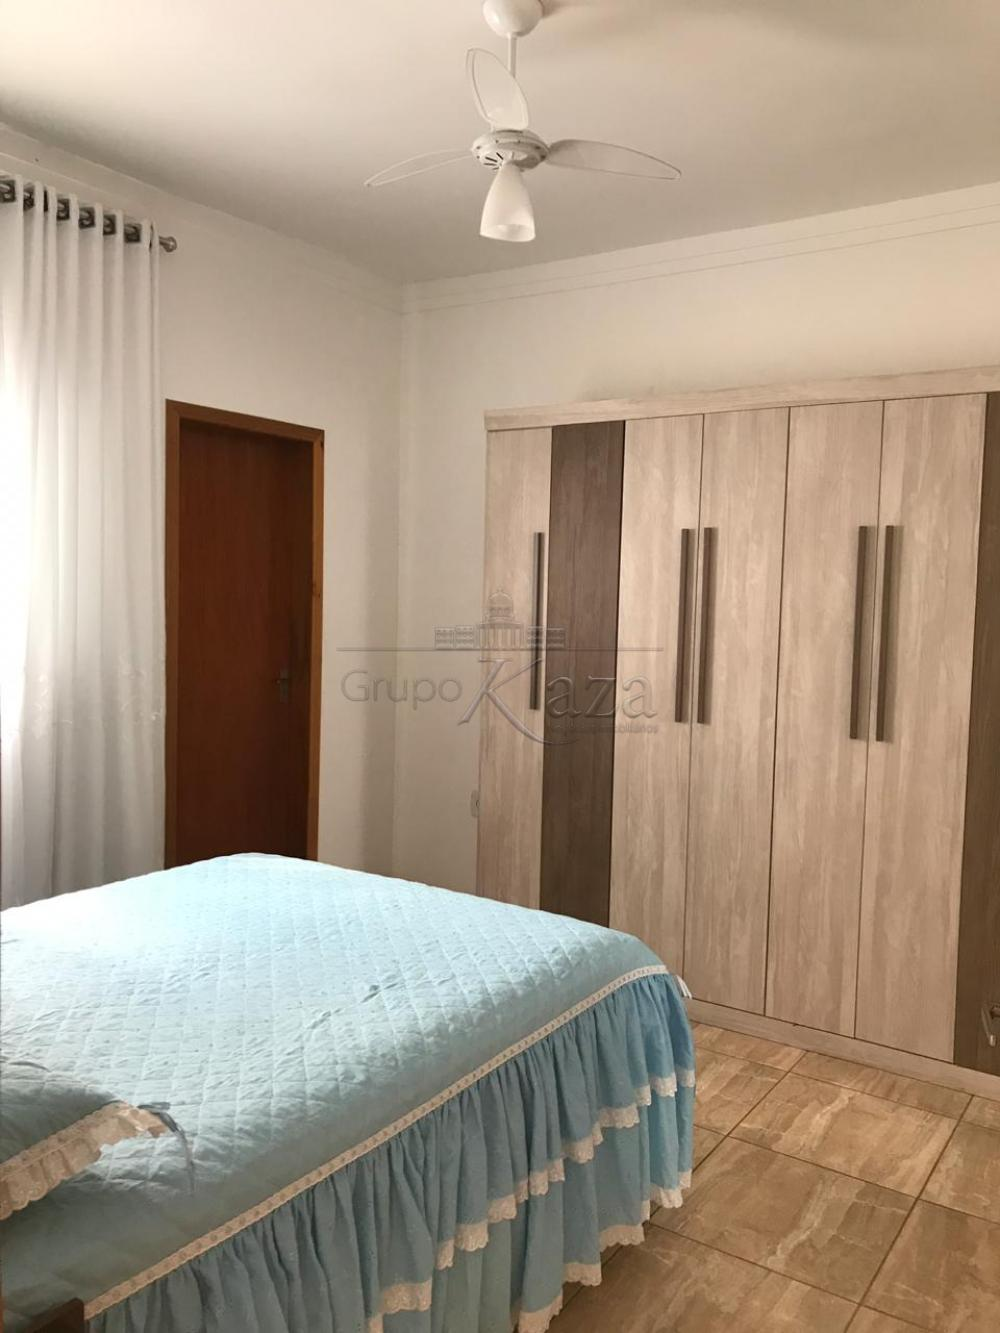 Comprar Casa / Térrea em Taubaté apenas R$ 250.000,00 - Foto 7